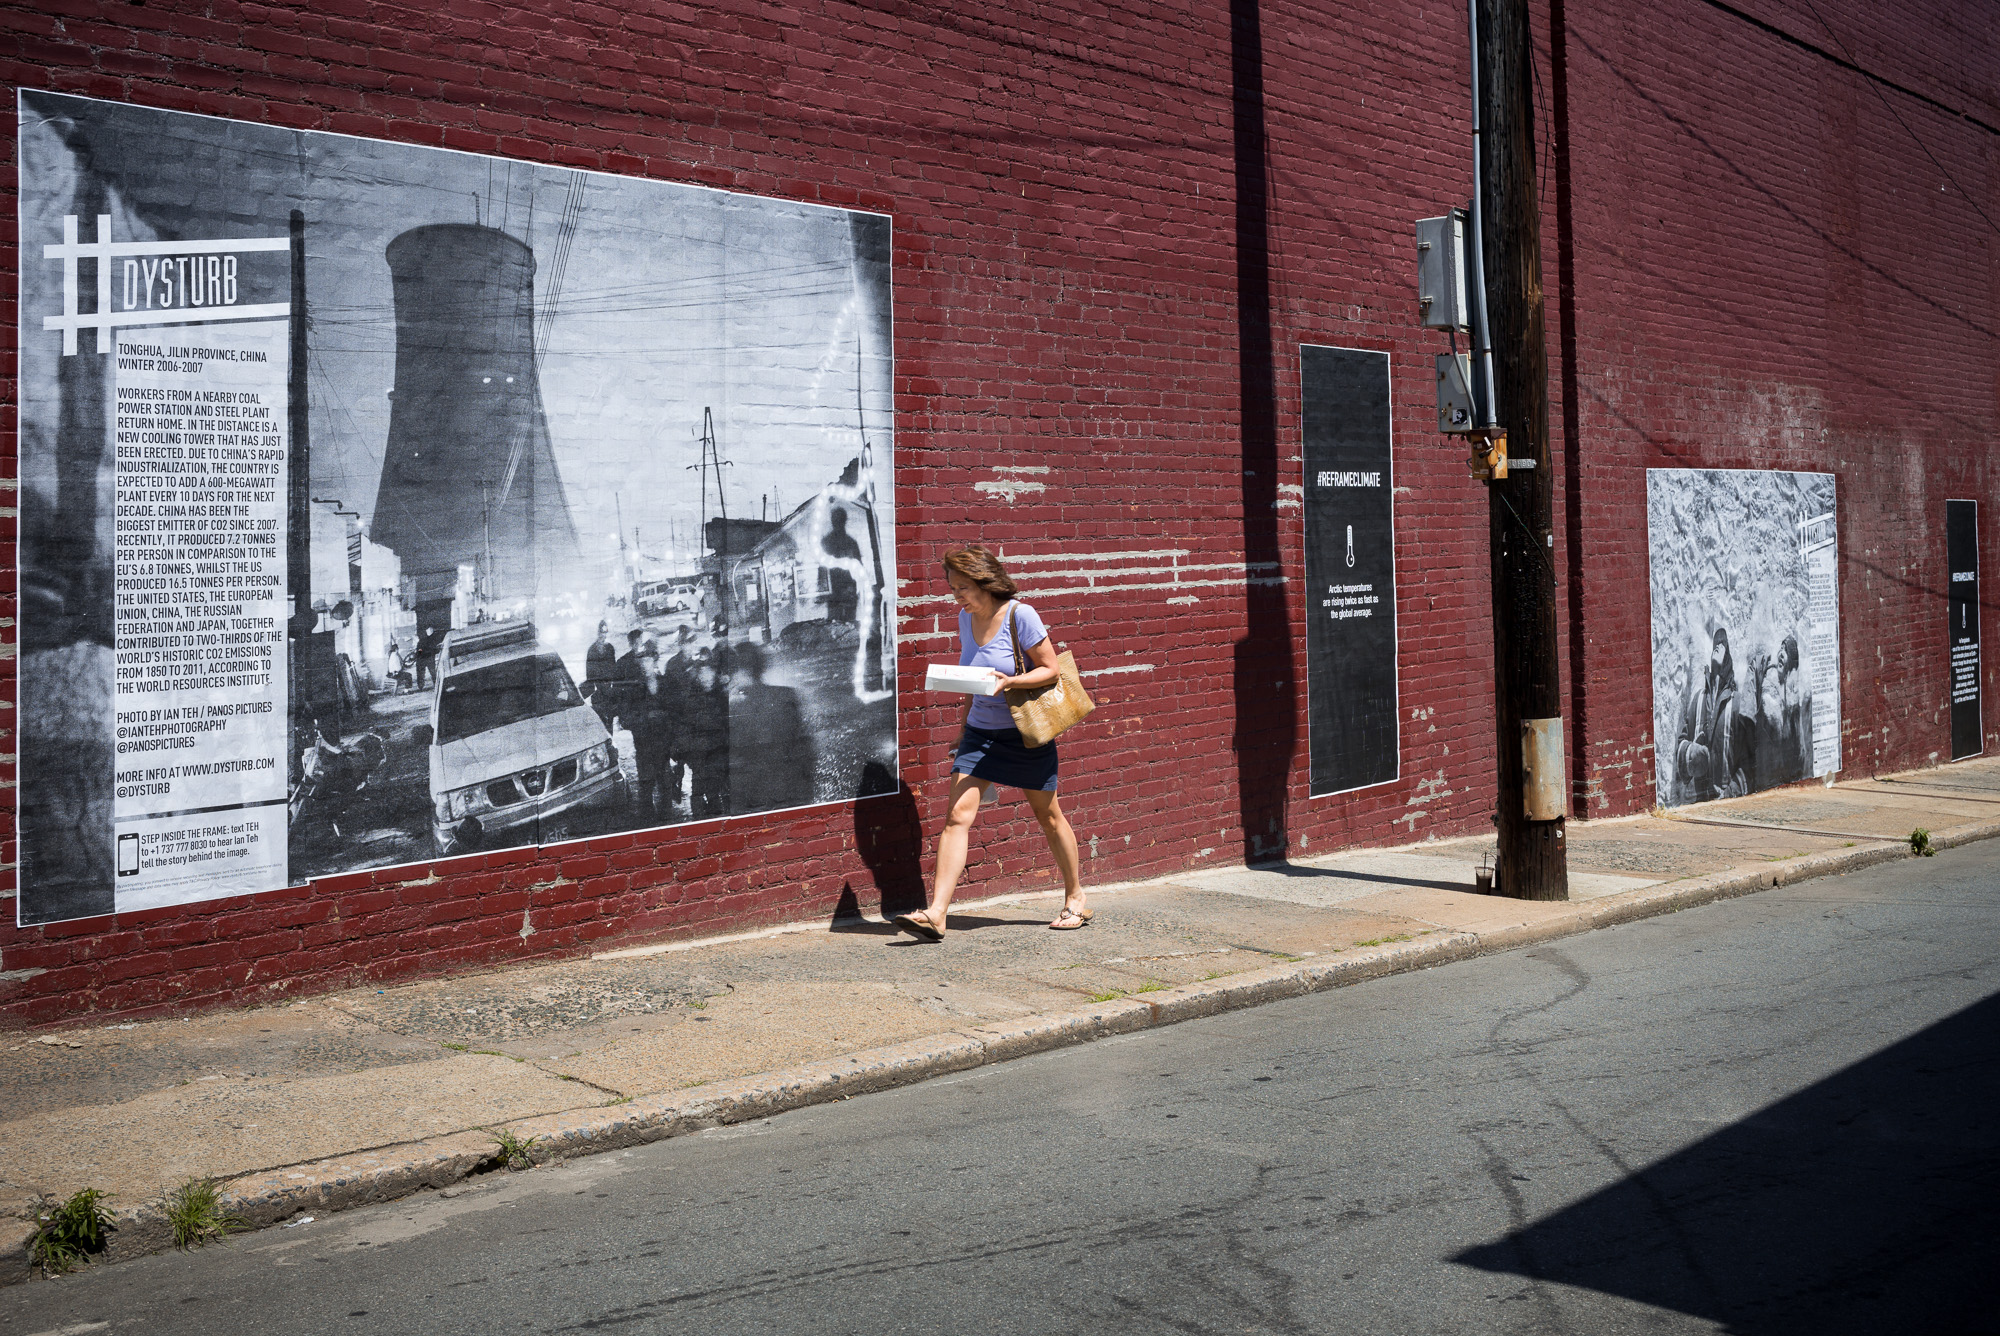 Charlottesville, VA